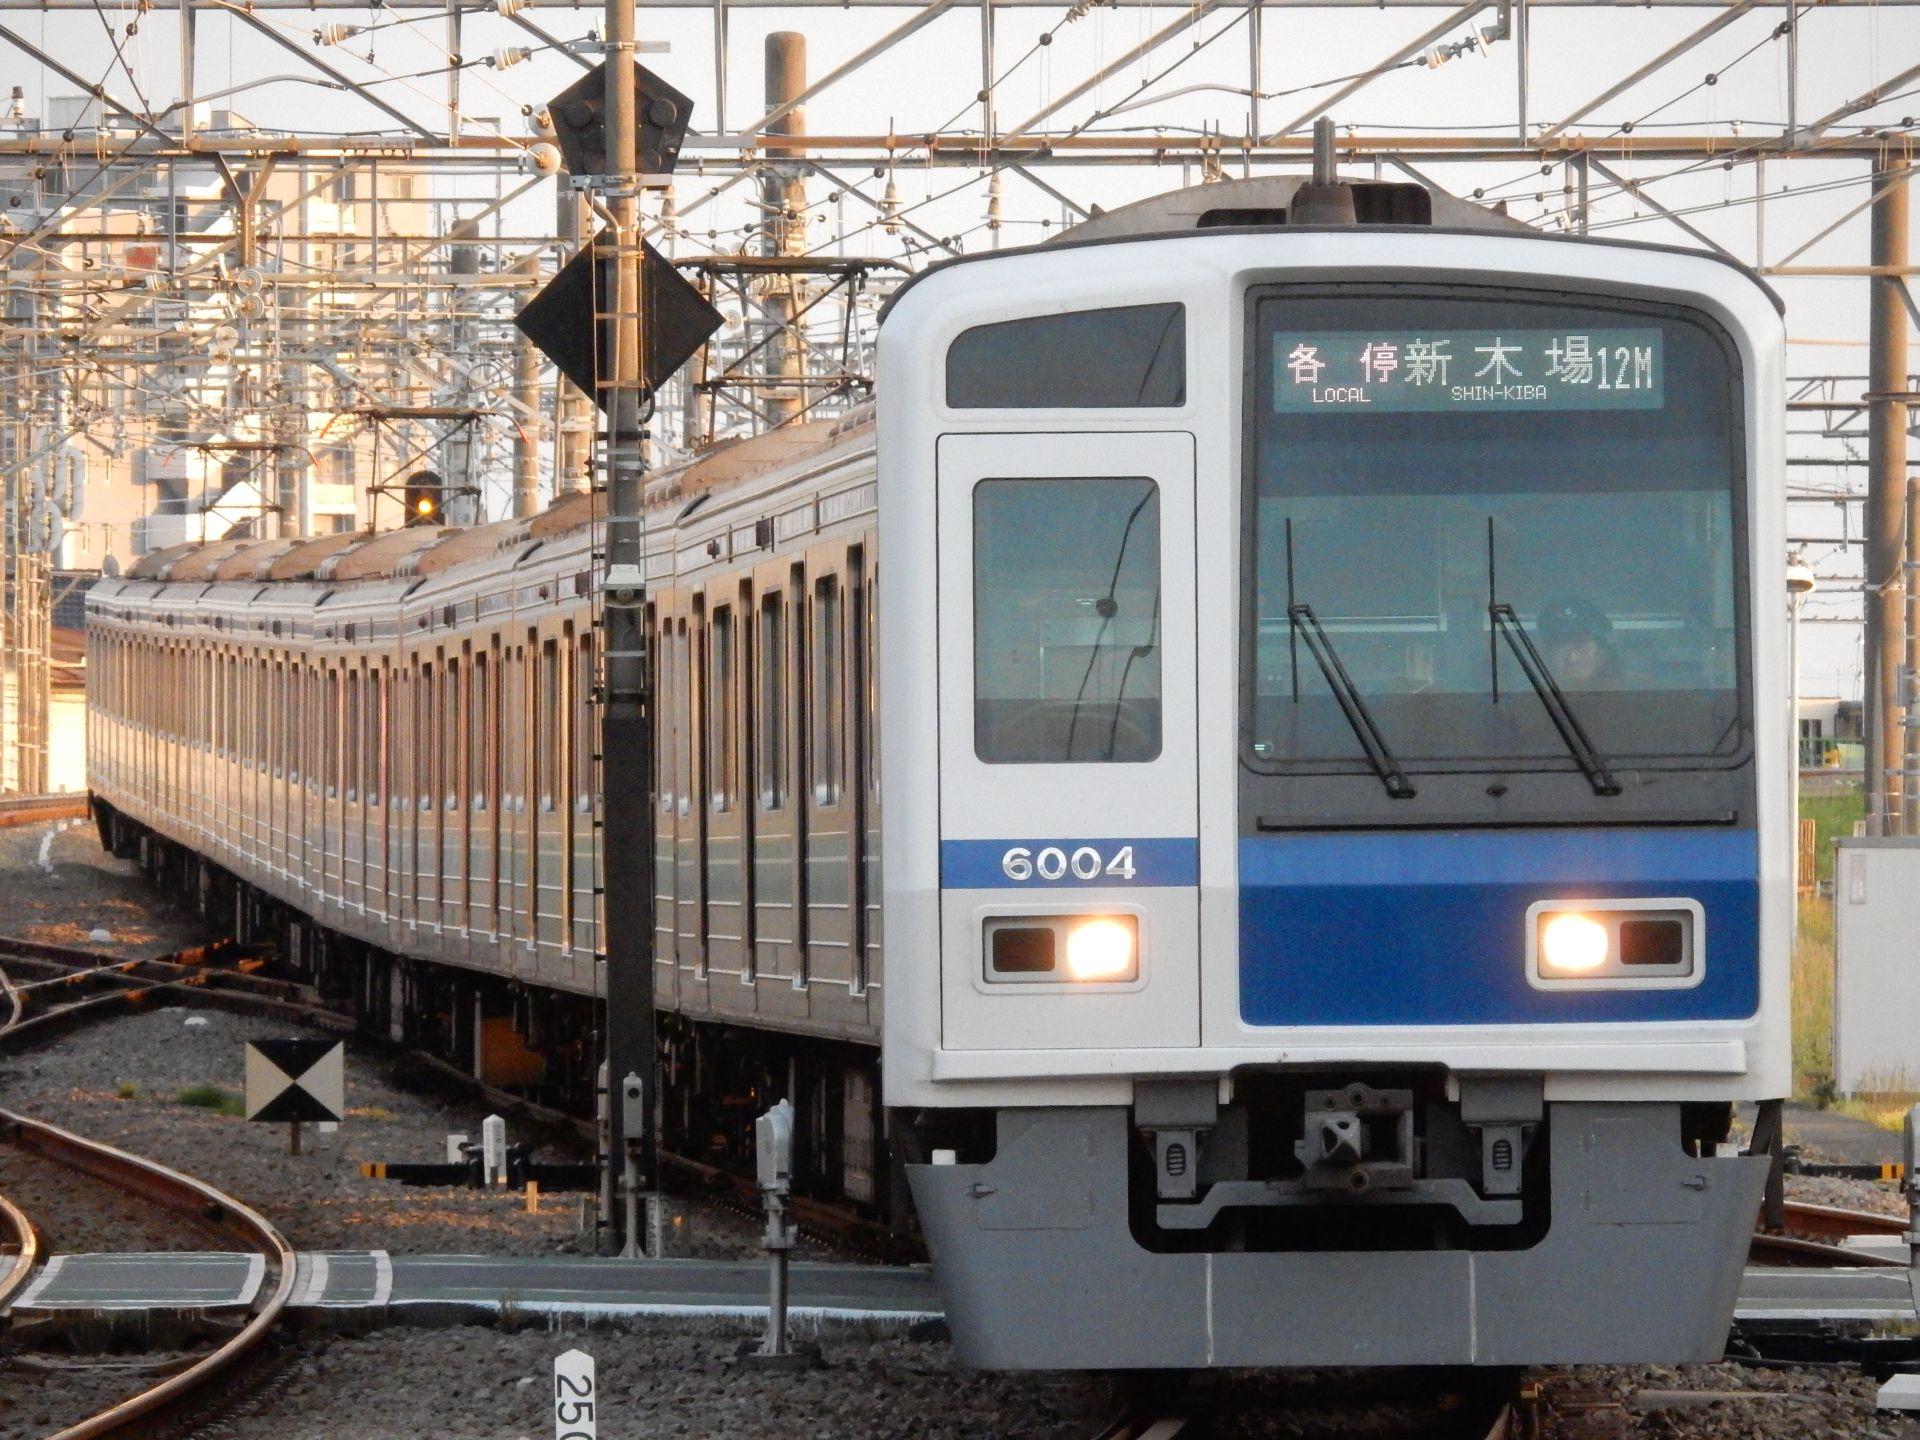 DSCN9367 - コピー